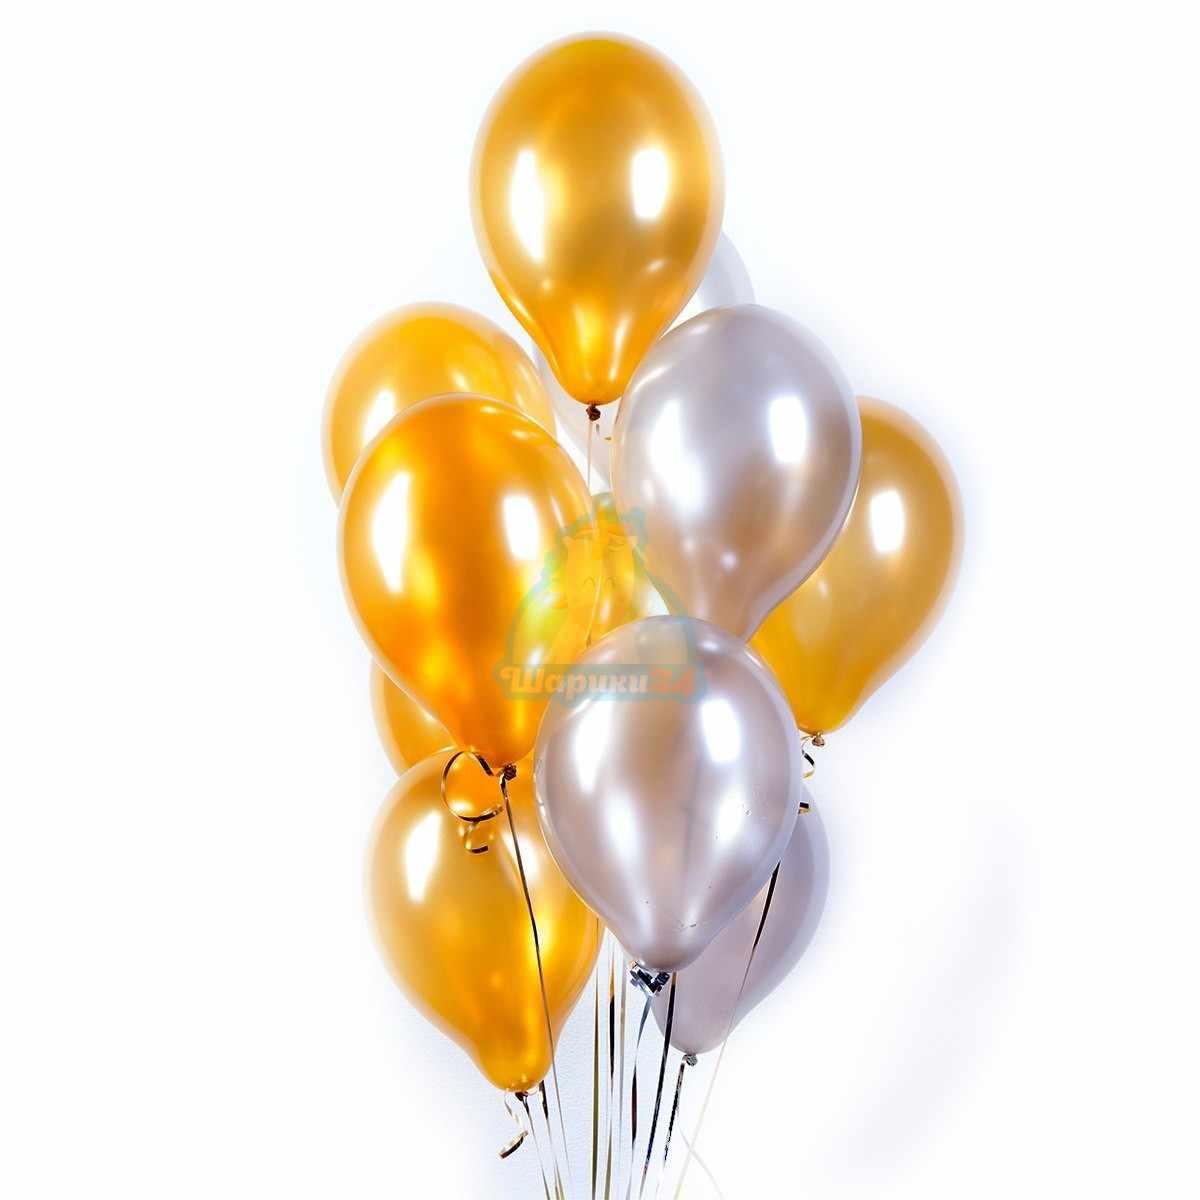 Облако золотых и серебряных шариков фото в интернет-магазине Шарики 24